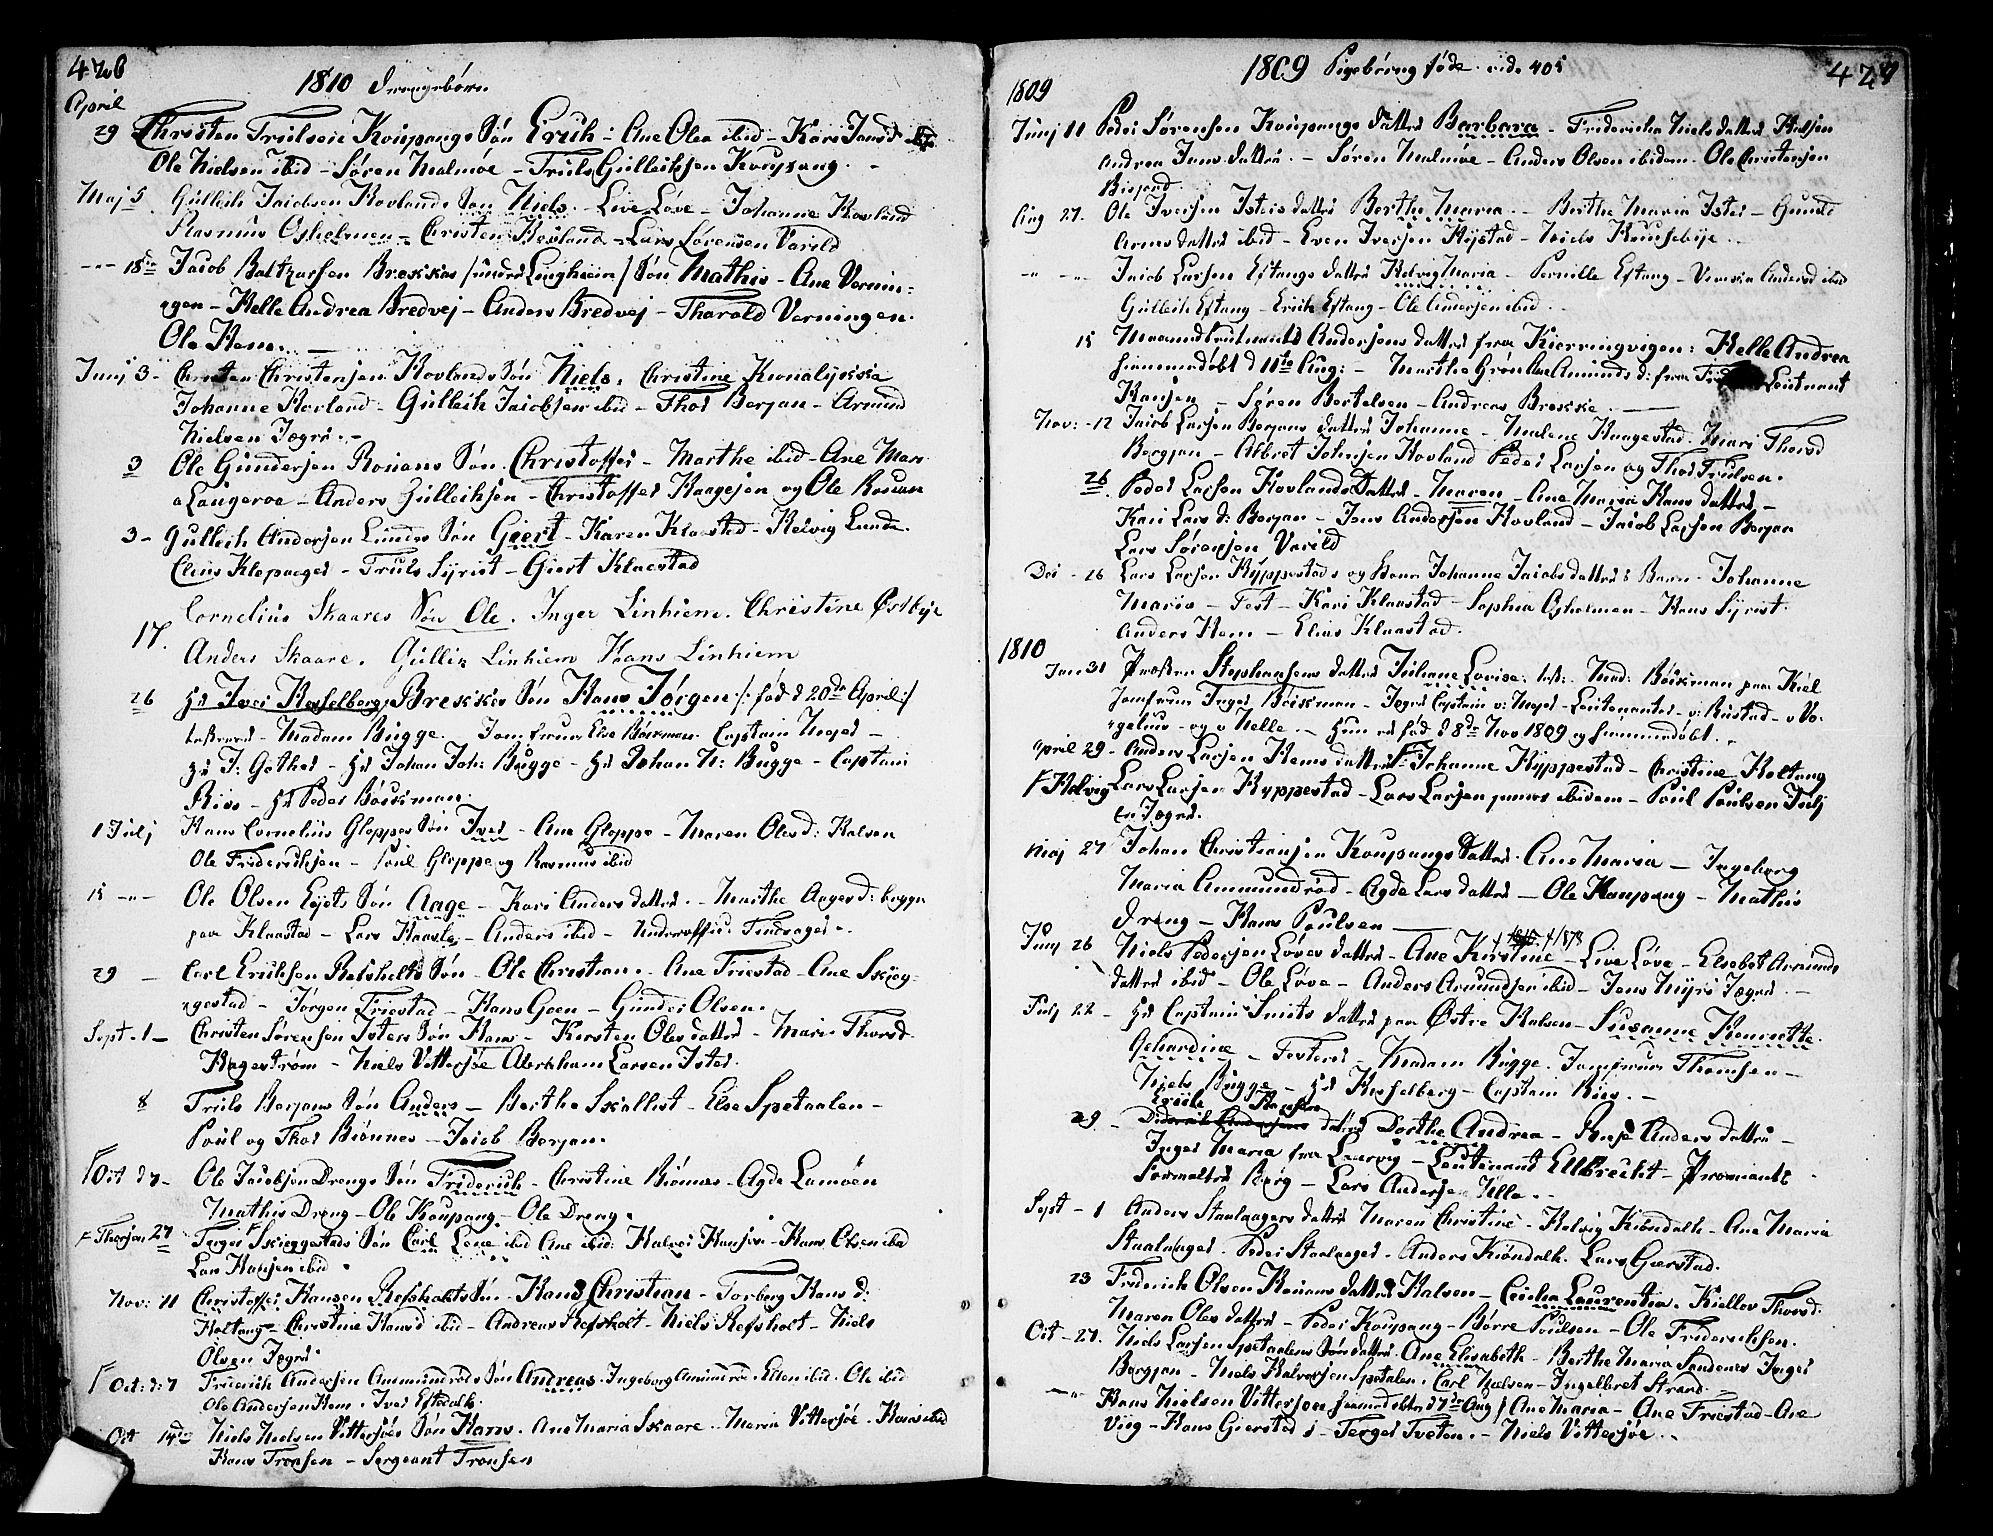 SAKO, Tjølling kirkebøker, F/Fa/L0004: Ministerialbok nr. 4, 1779-1817, s. 426-427